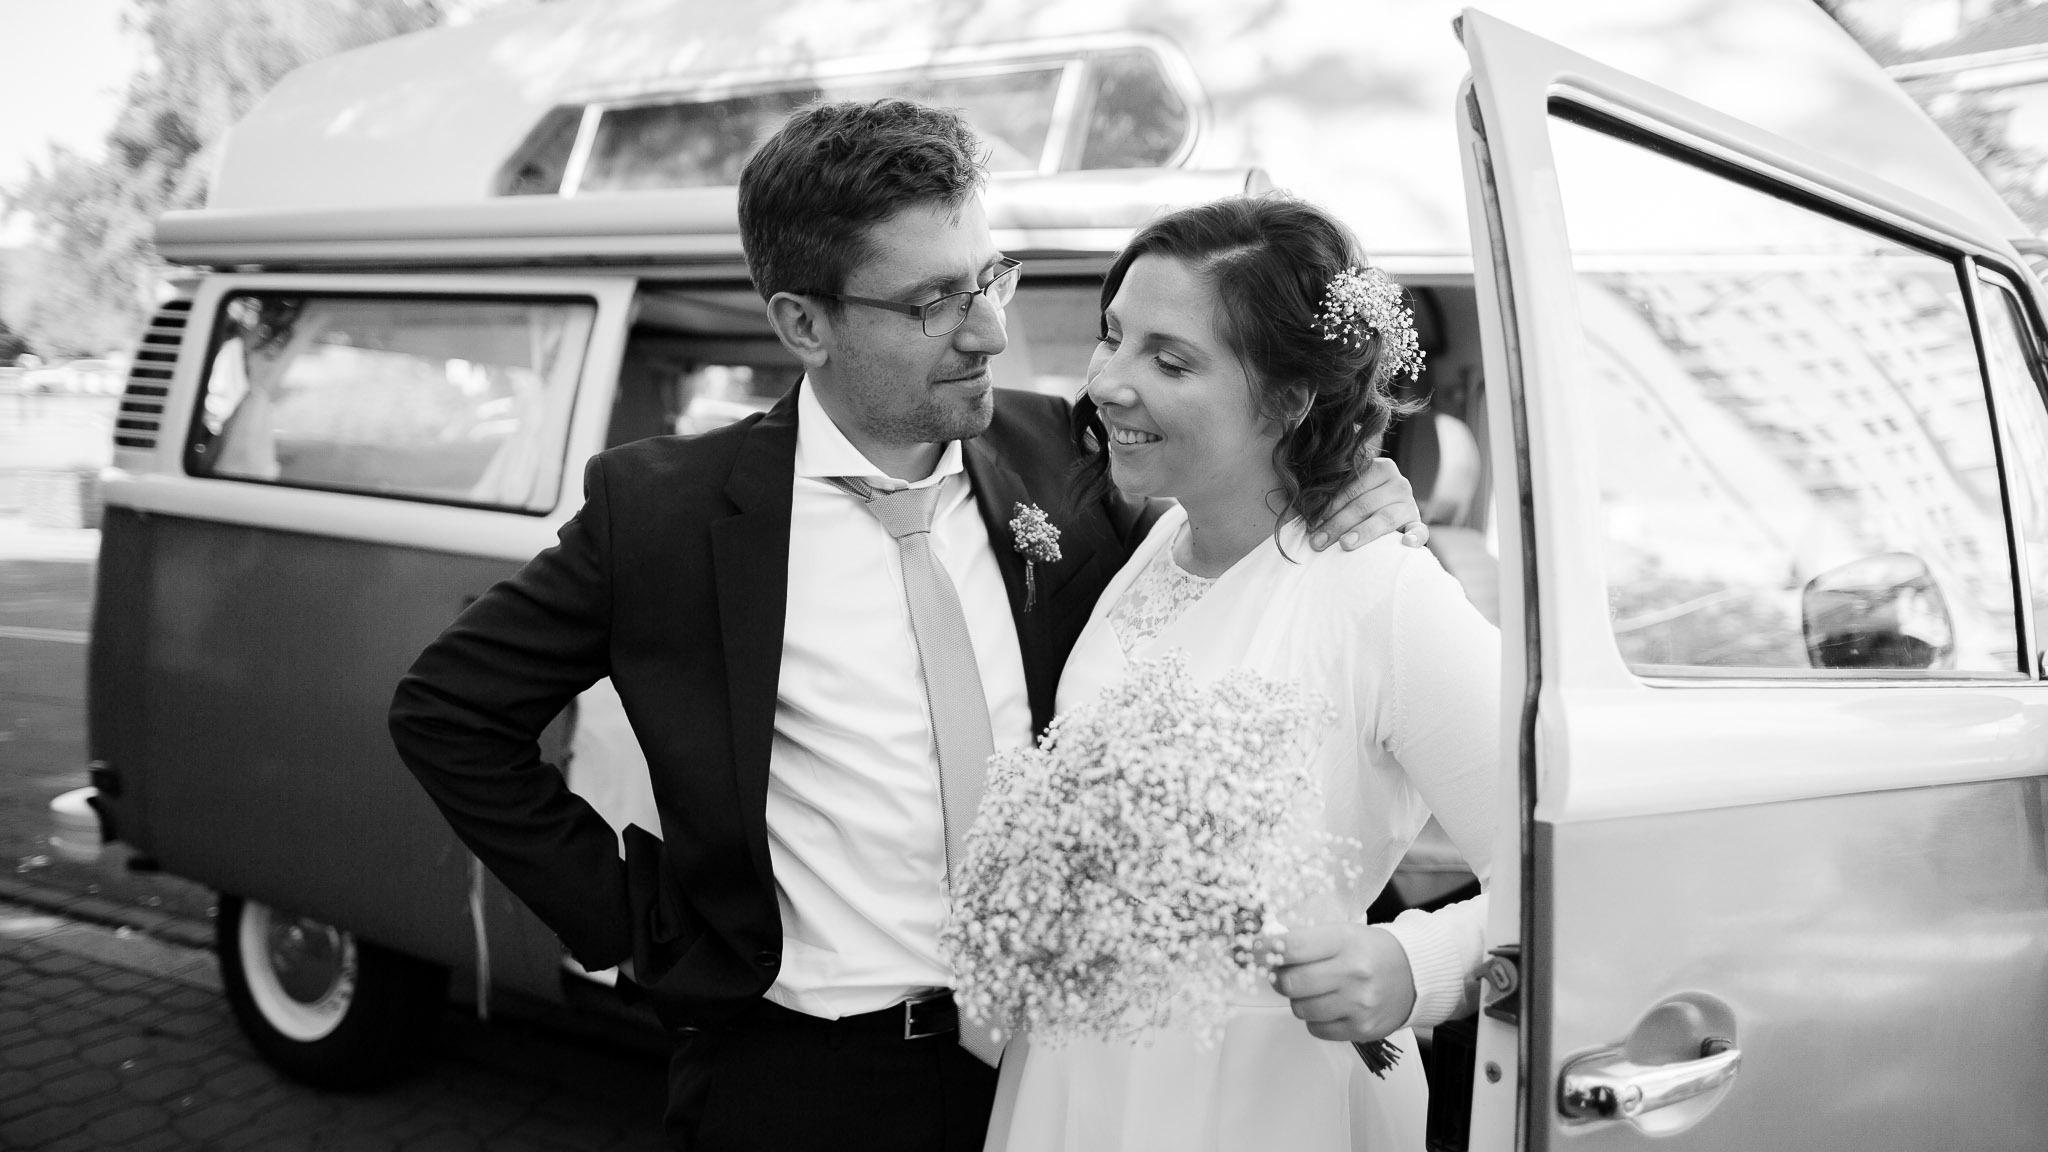 KATARZYNA & JAREK | FOTOGRAFIA ŚLUBNA BIAŁY DOMEK WARSZAWA